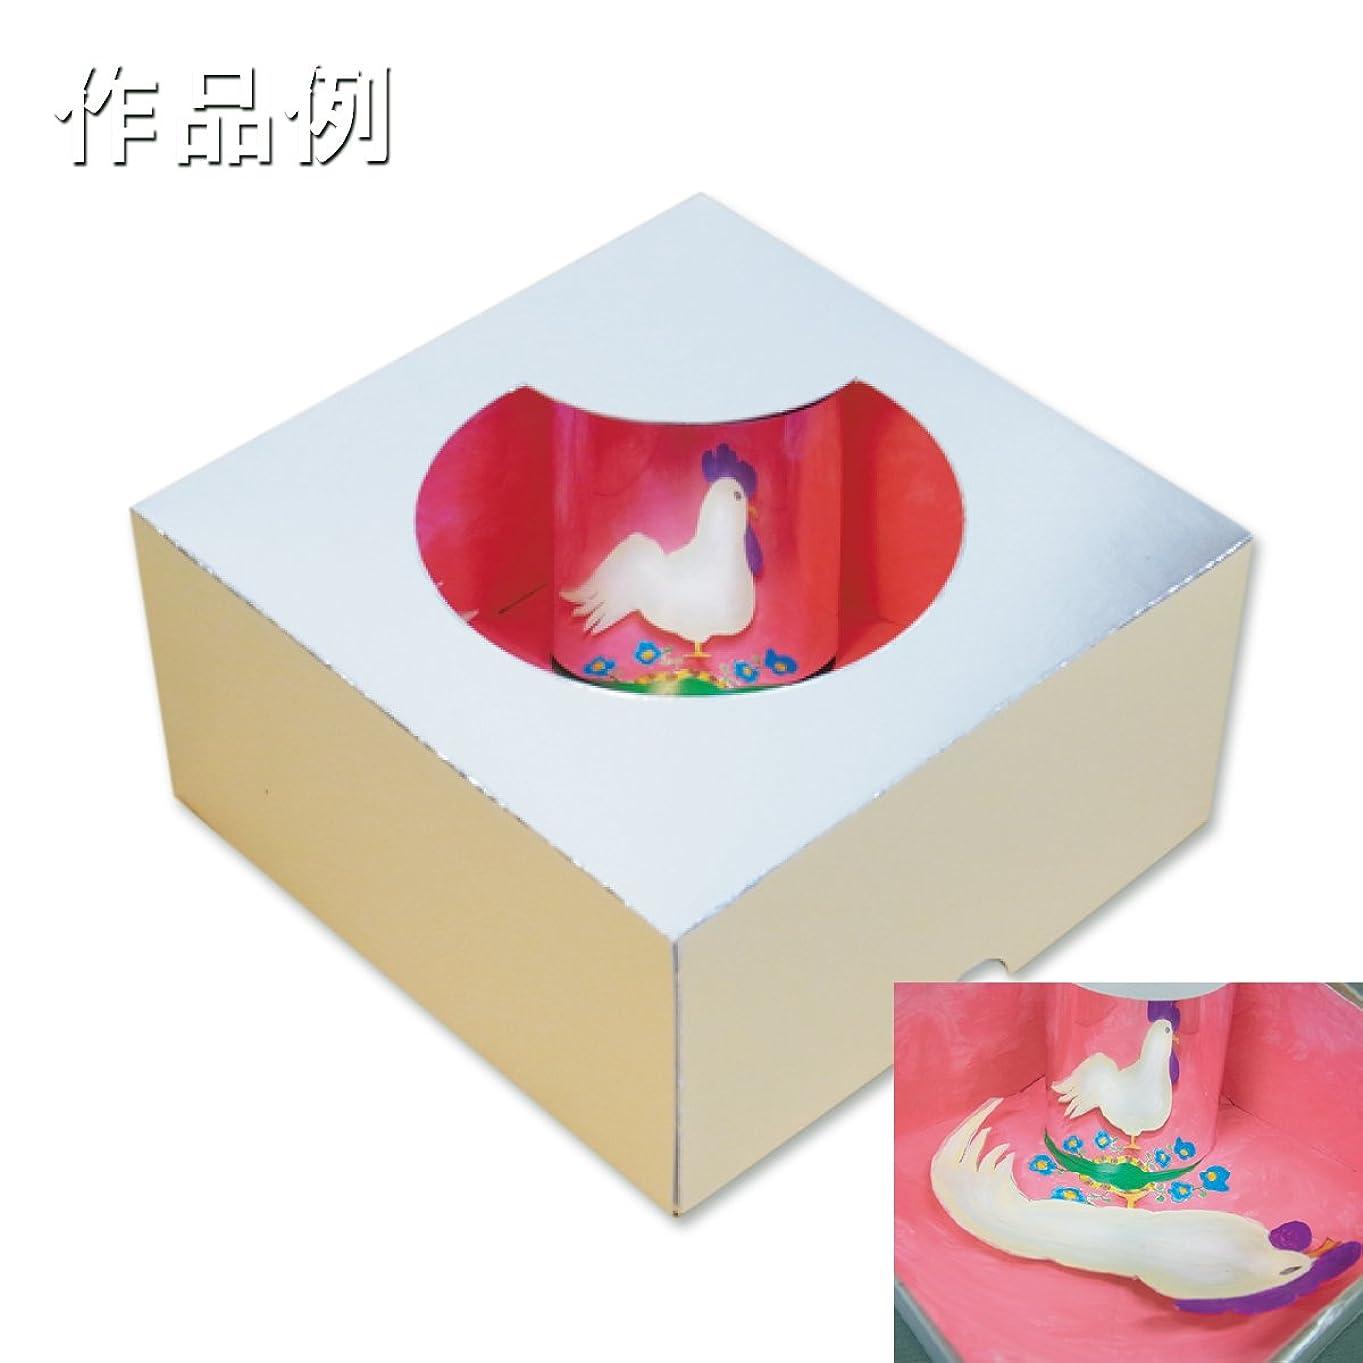 折る建築家楕円形工作キット コンパクトなアナモルフォーズ 円筒